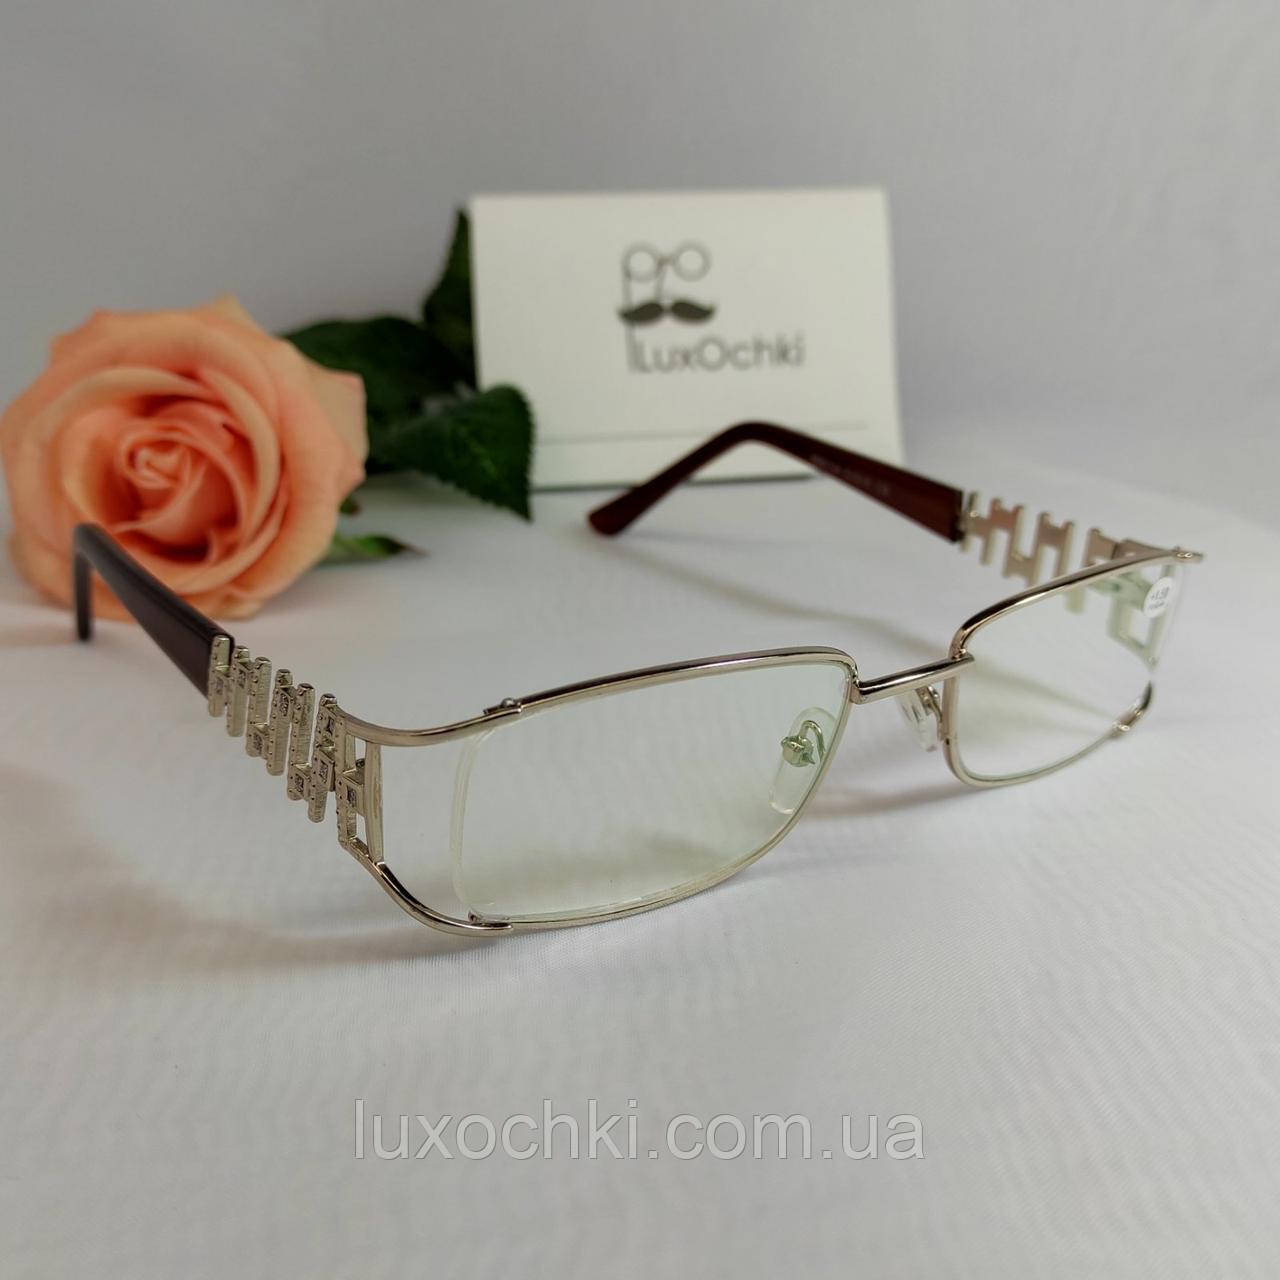 +1.5 Готовые диоптрические женские очки +1.5 в металлической оправе